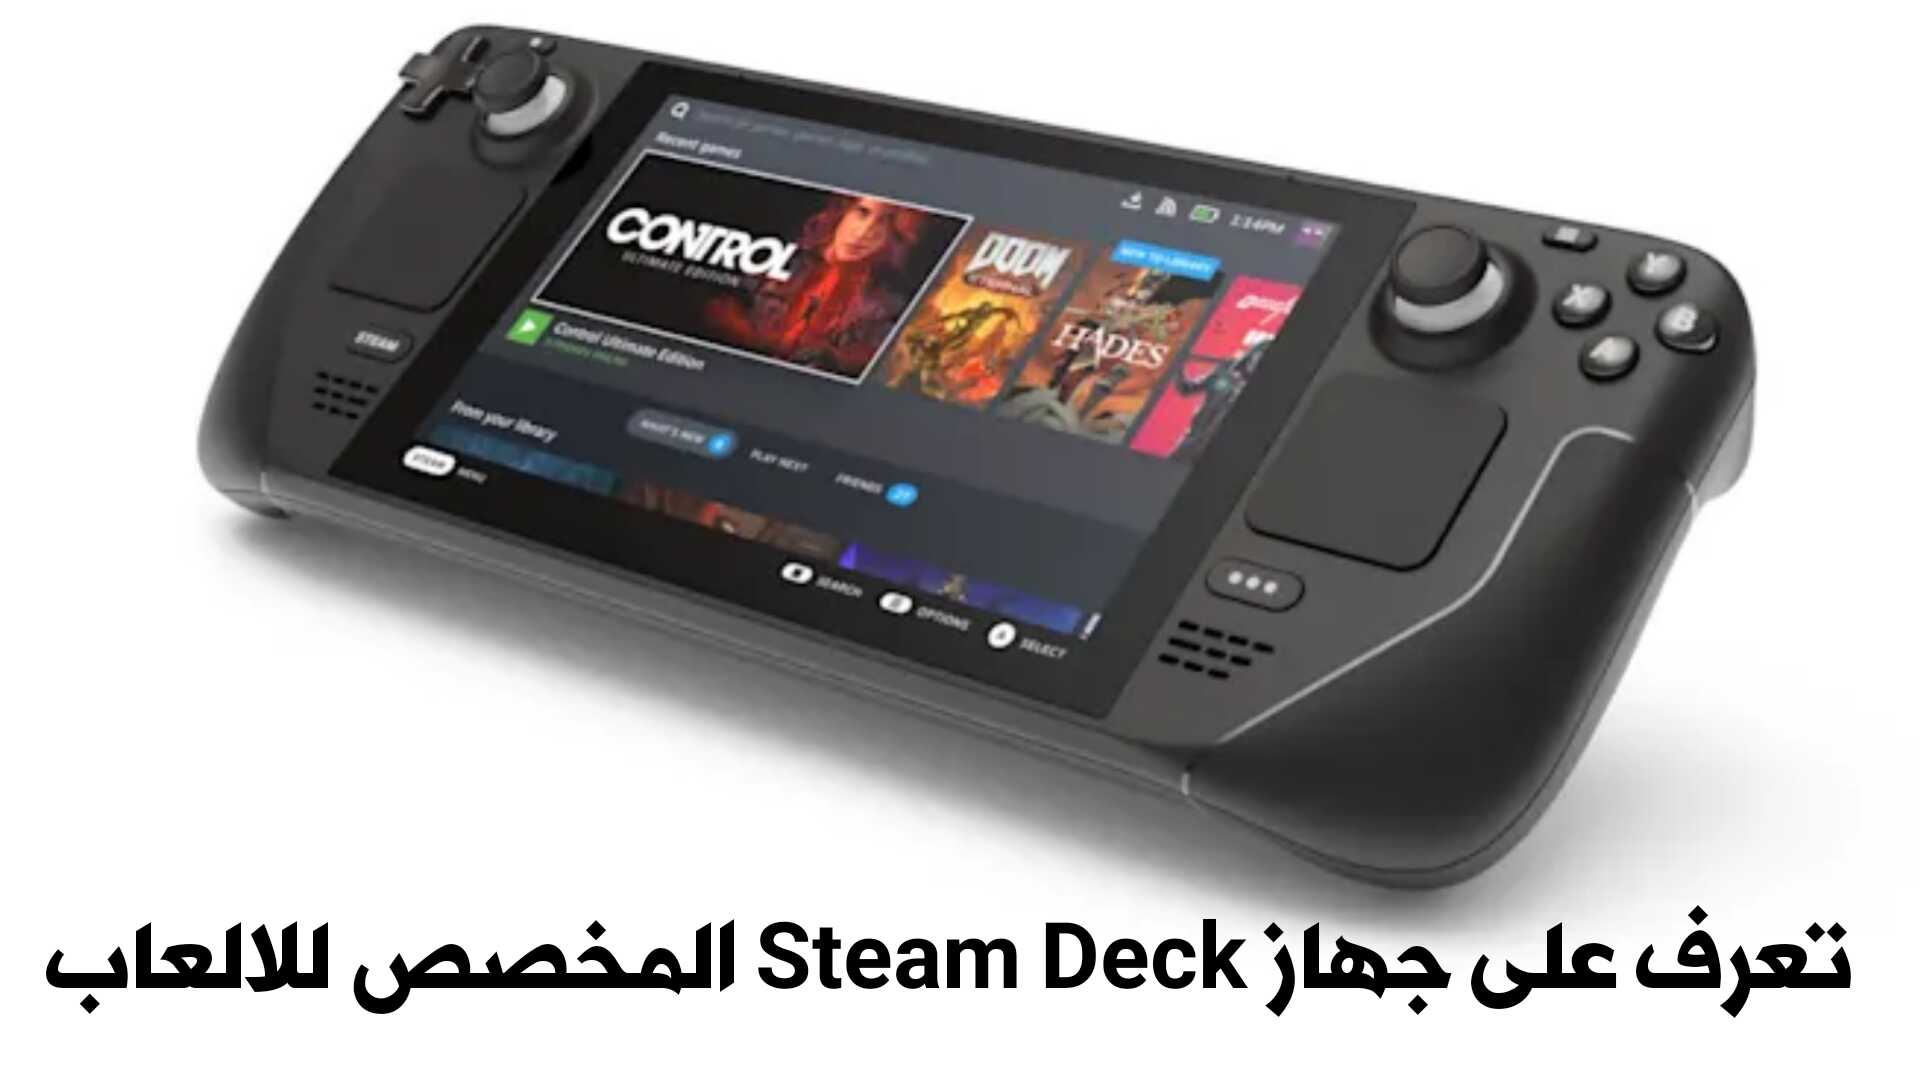 تعرف على جهاز Steam Deck المخصص للالعاب من Valve بسعر مغري